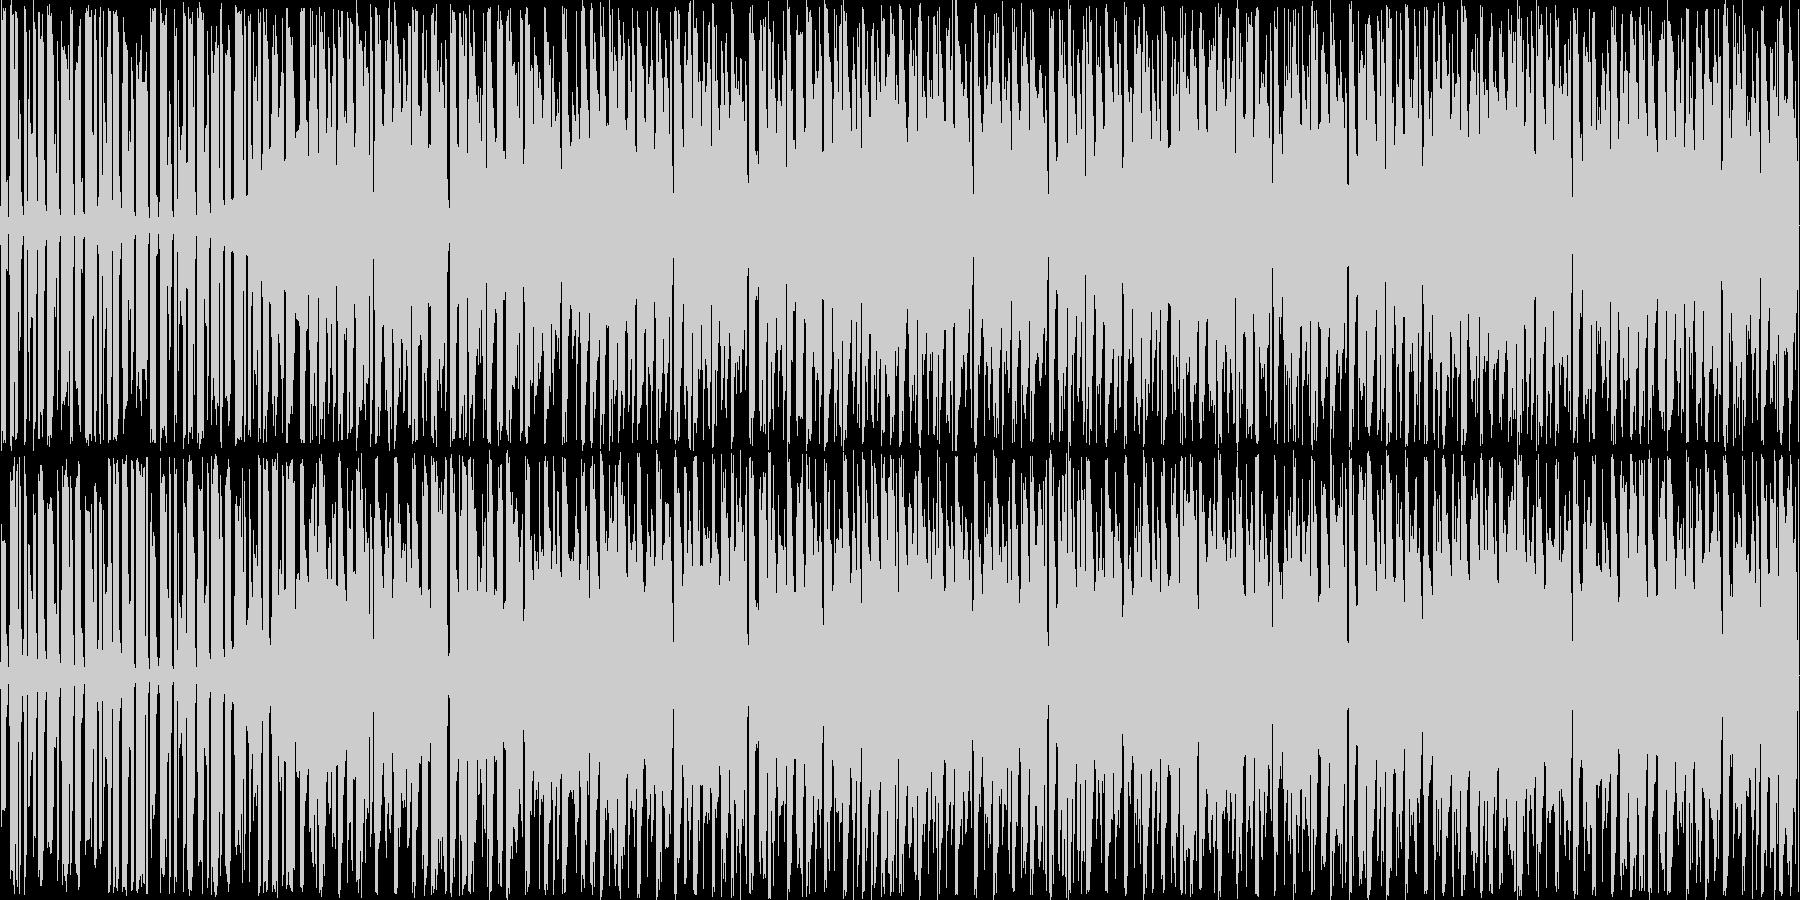 エレクトロダンスloopの未再生の波形